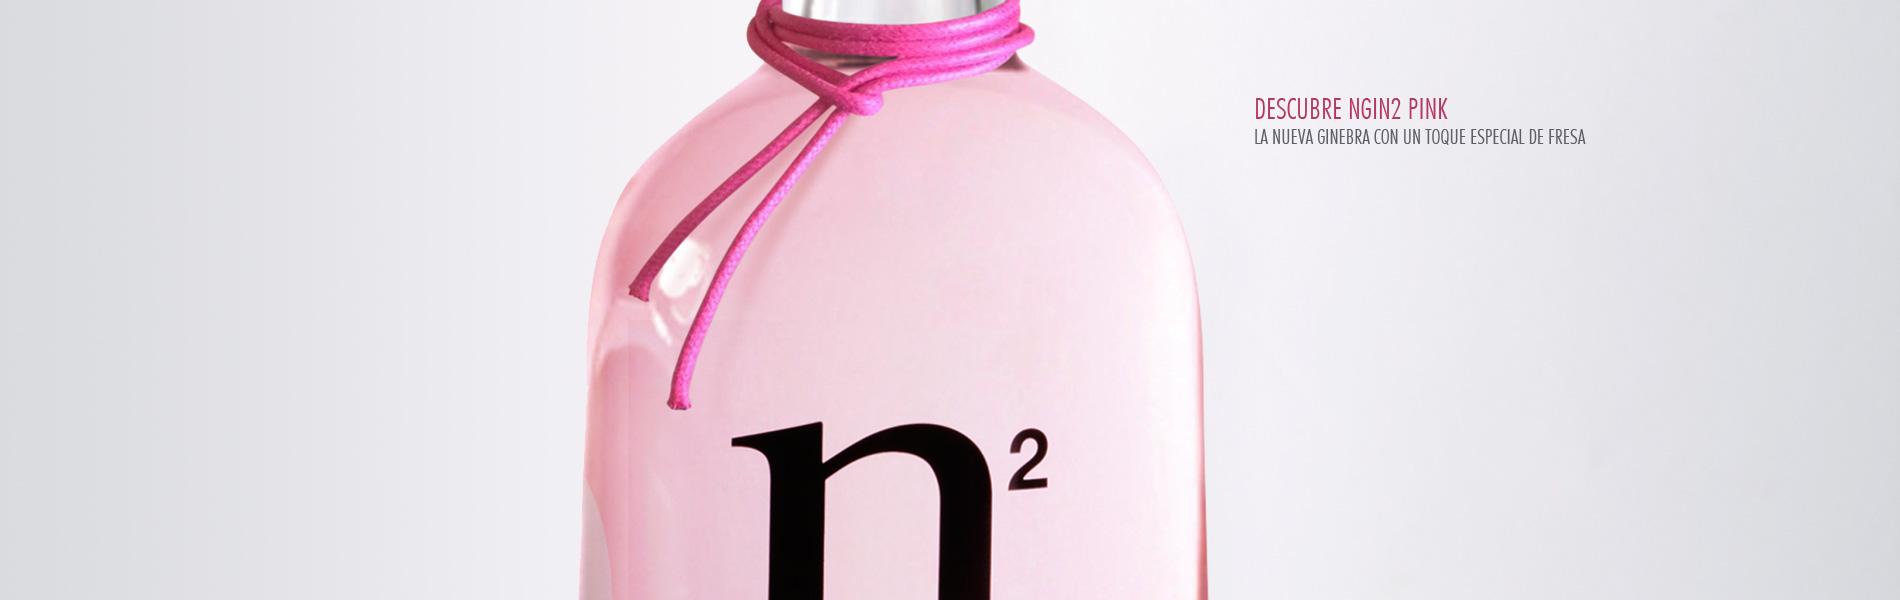 Nueva ginebra N2 Pink